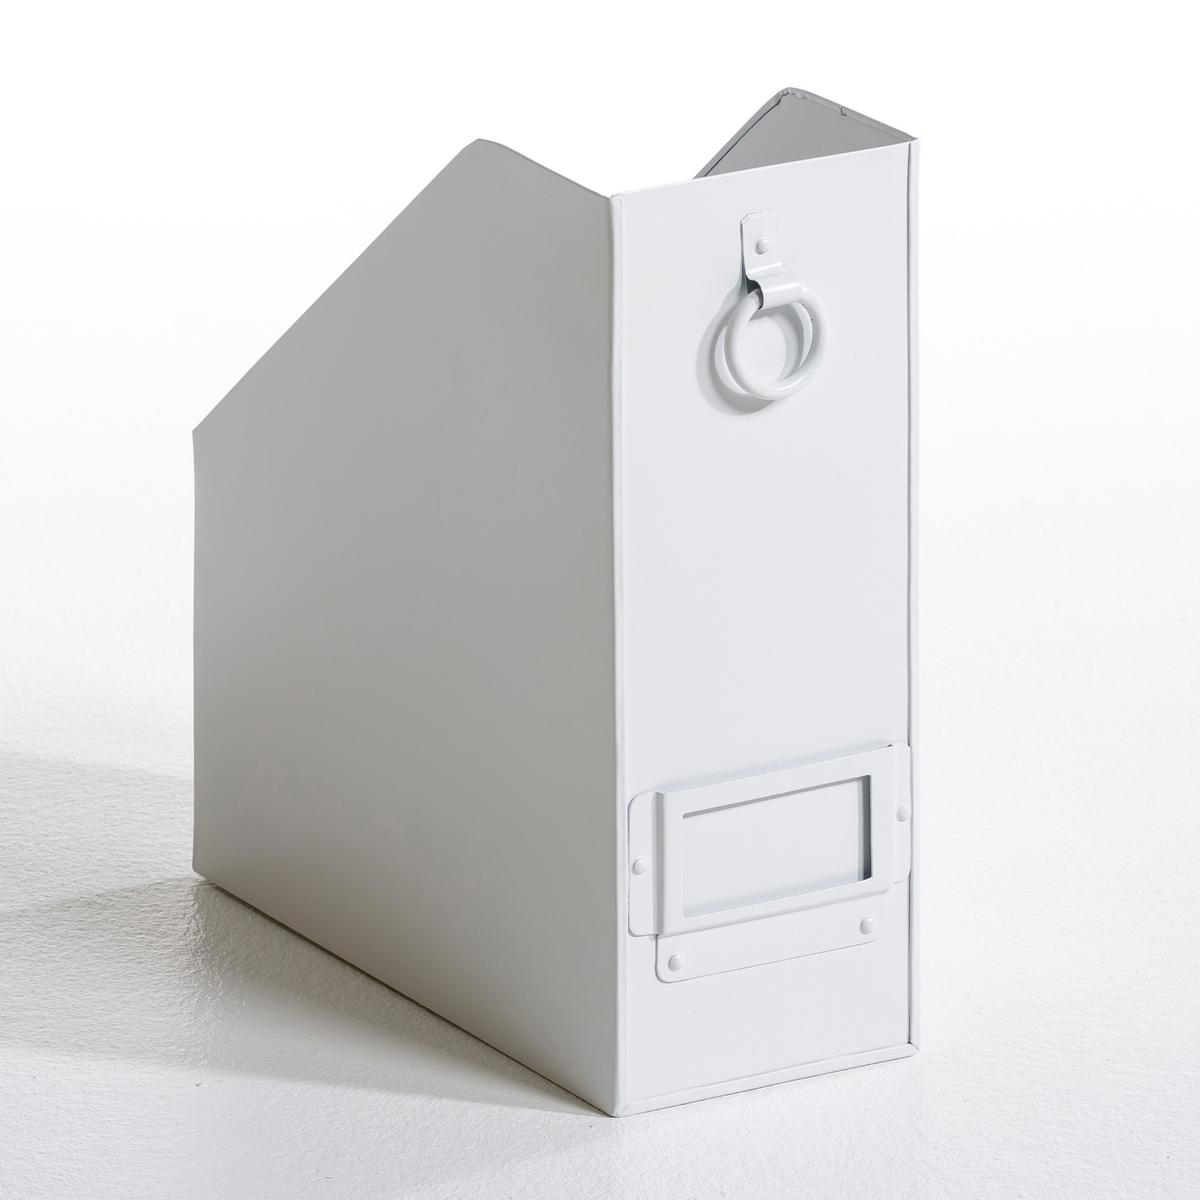 Подставка для папок металлическая Henry emile henry форма для запекания картофеля 2 л 24 см гранат 345500 emile henry